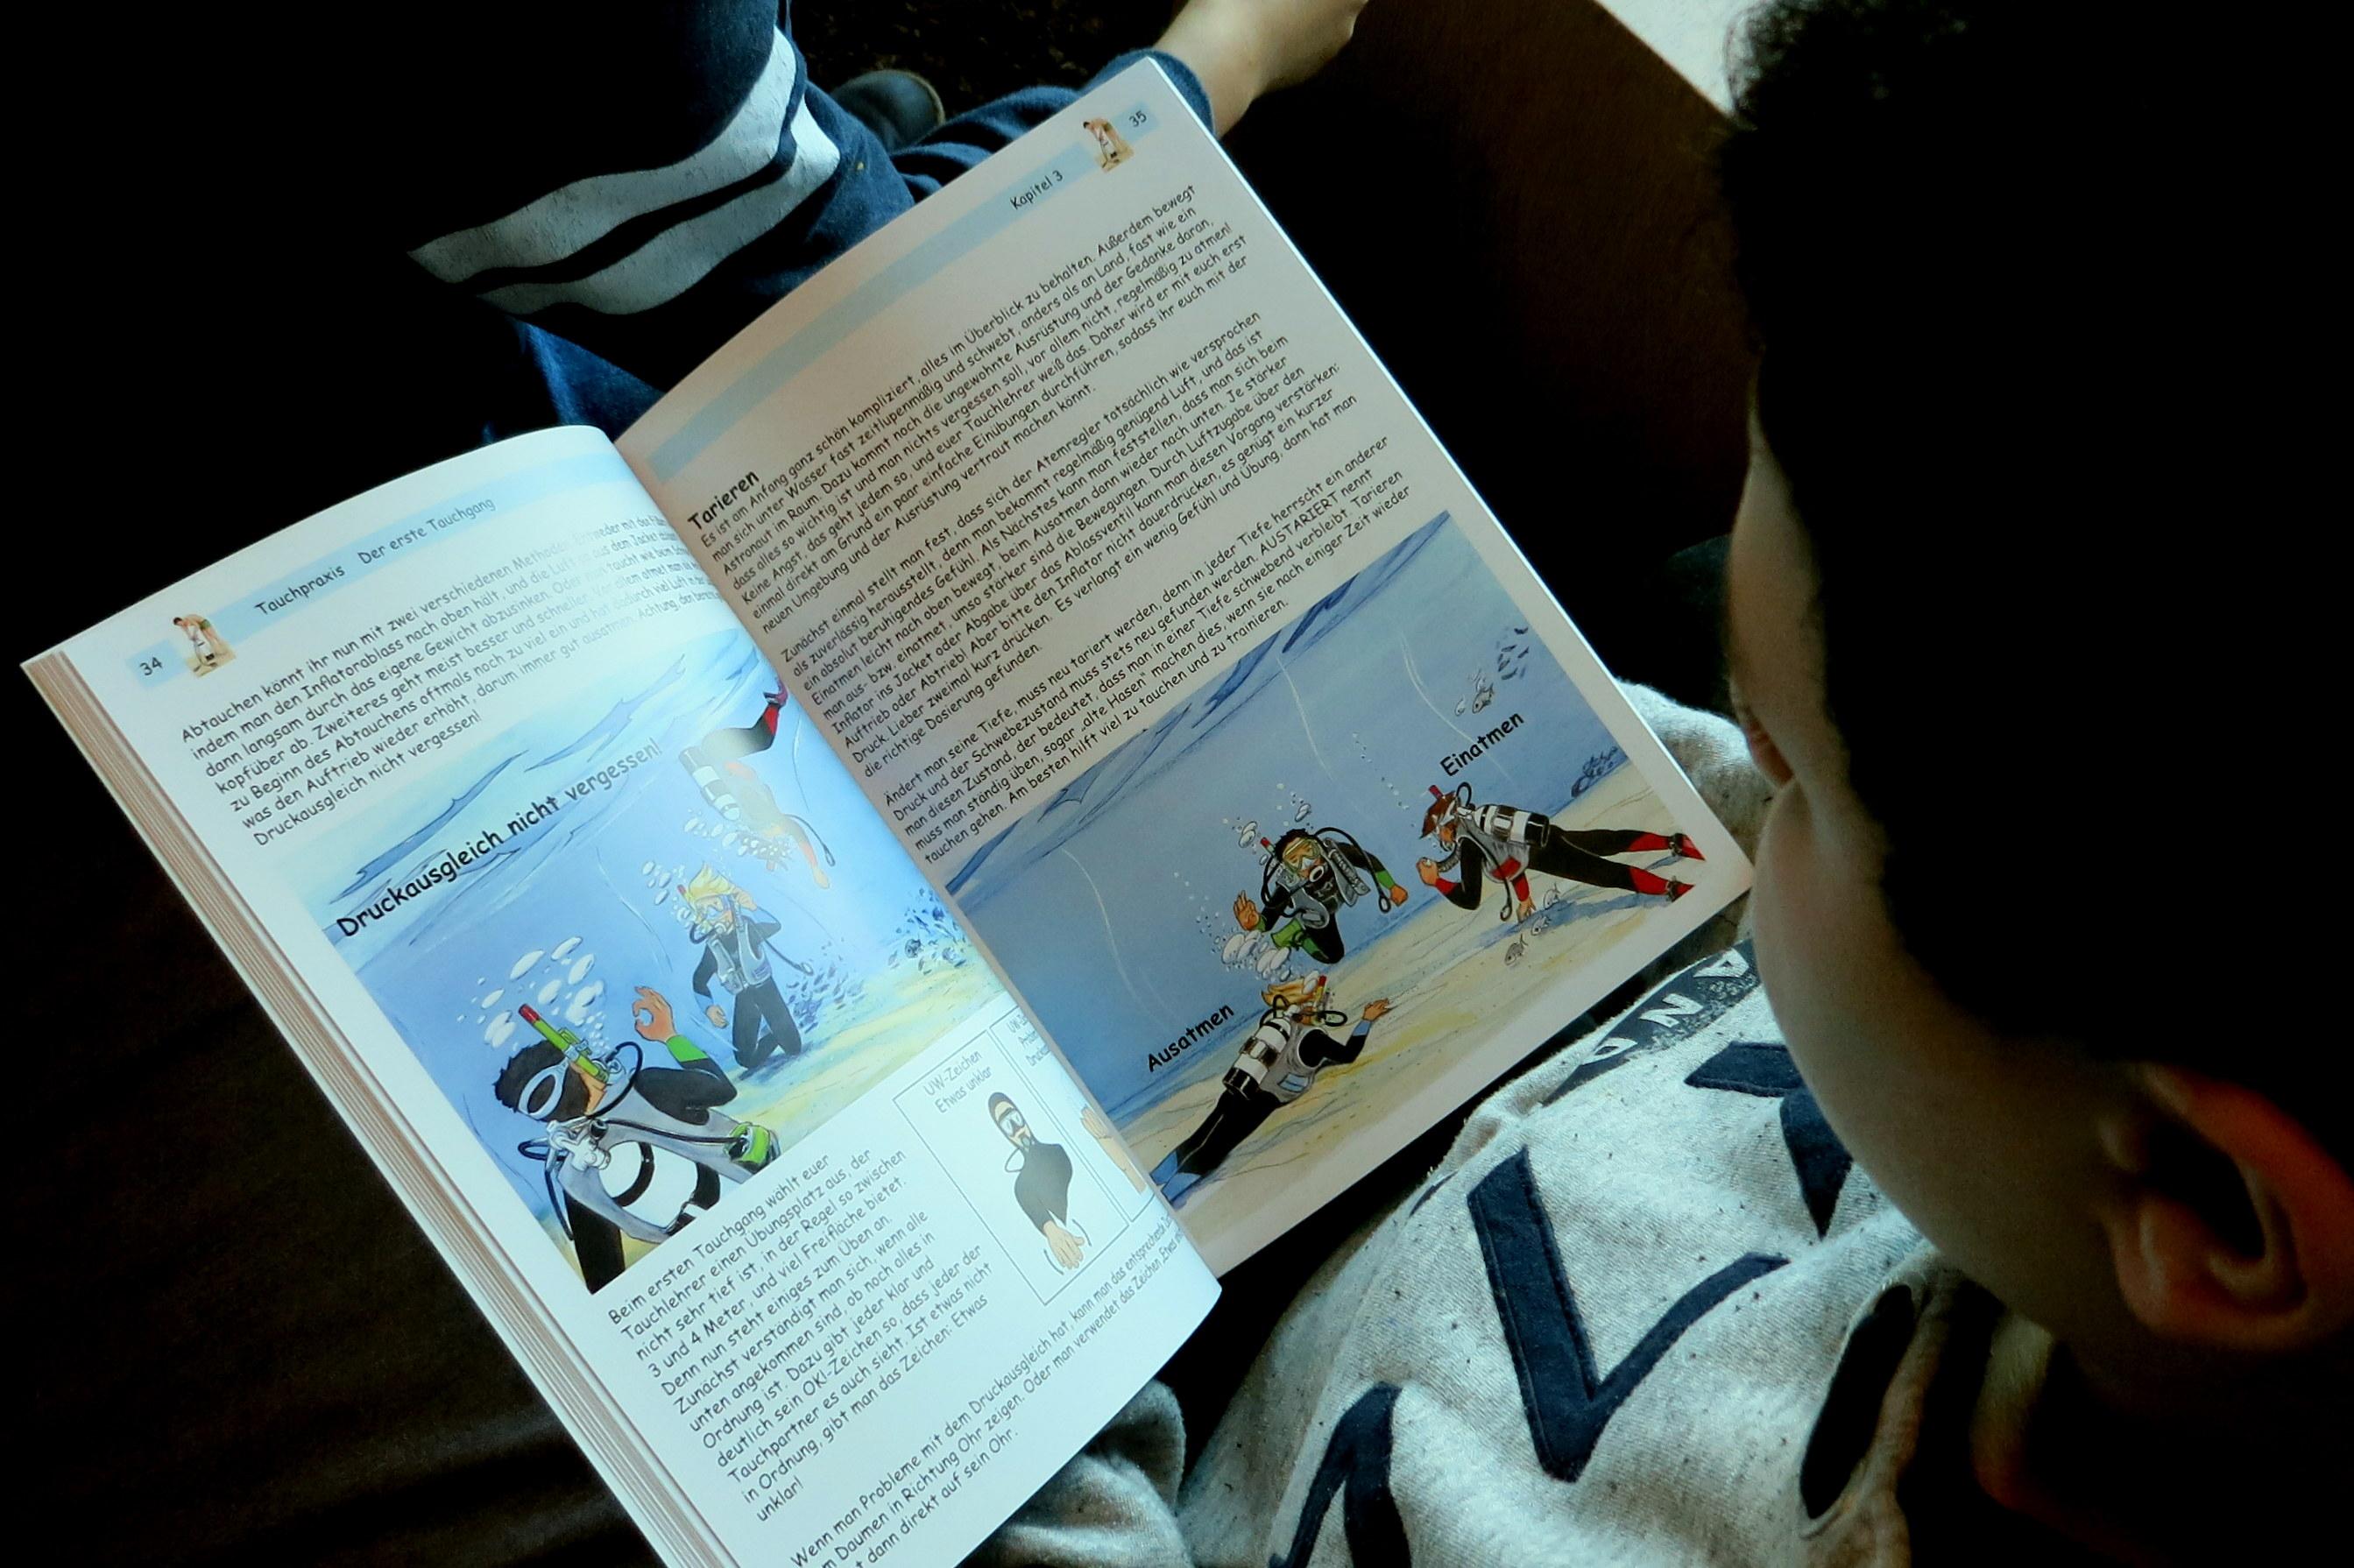 Auf dem aus Vogelperspektive aufgenommenem Foto sitzt ein Jugendlicher mit einer kindgerechten Fachliteratur zum Thema Tauchen in der Hand.